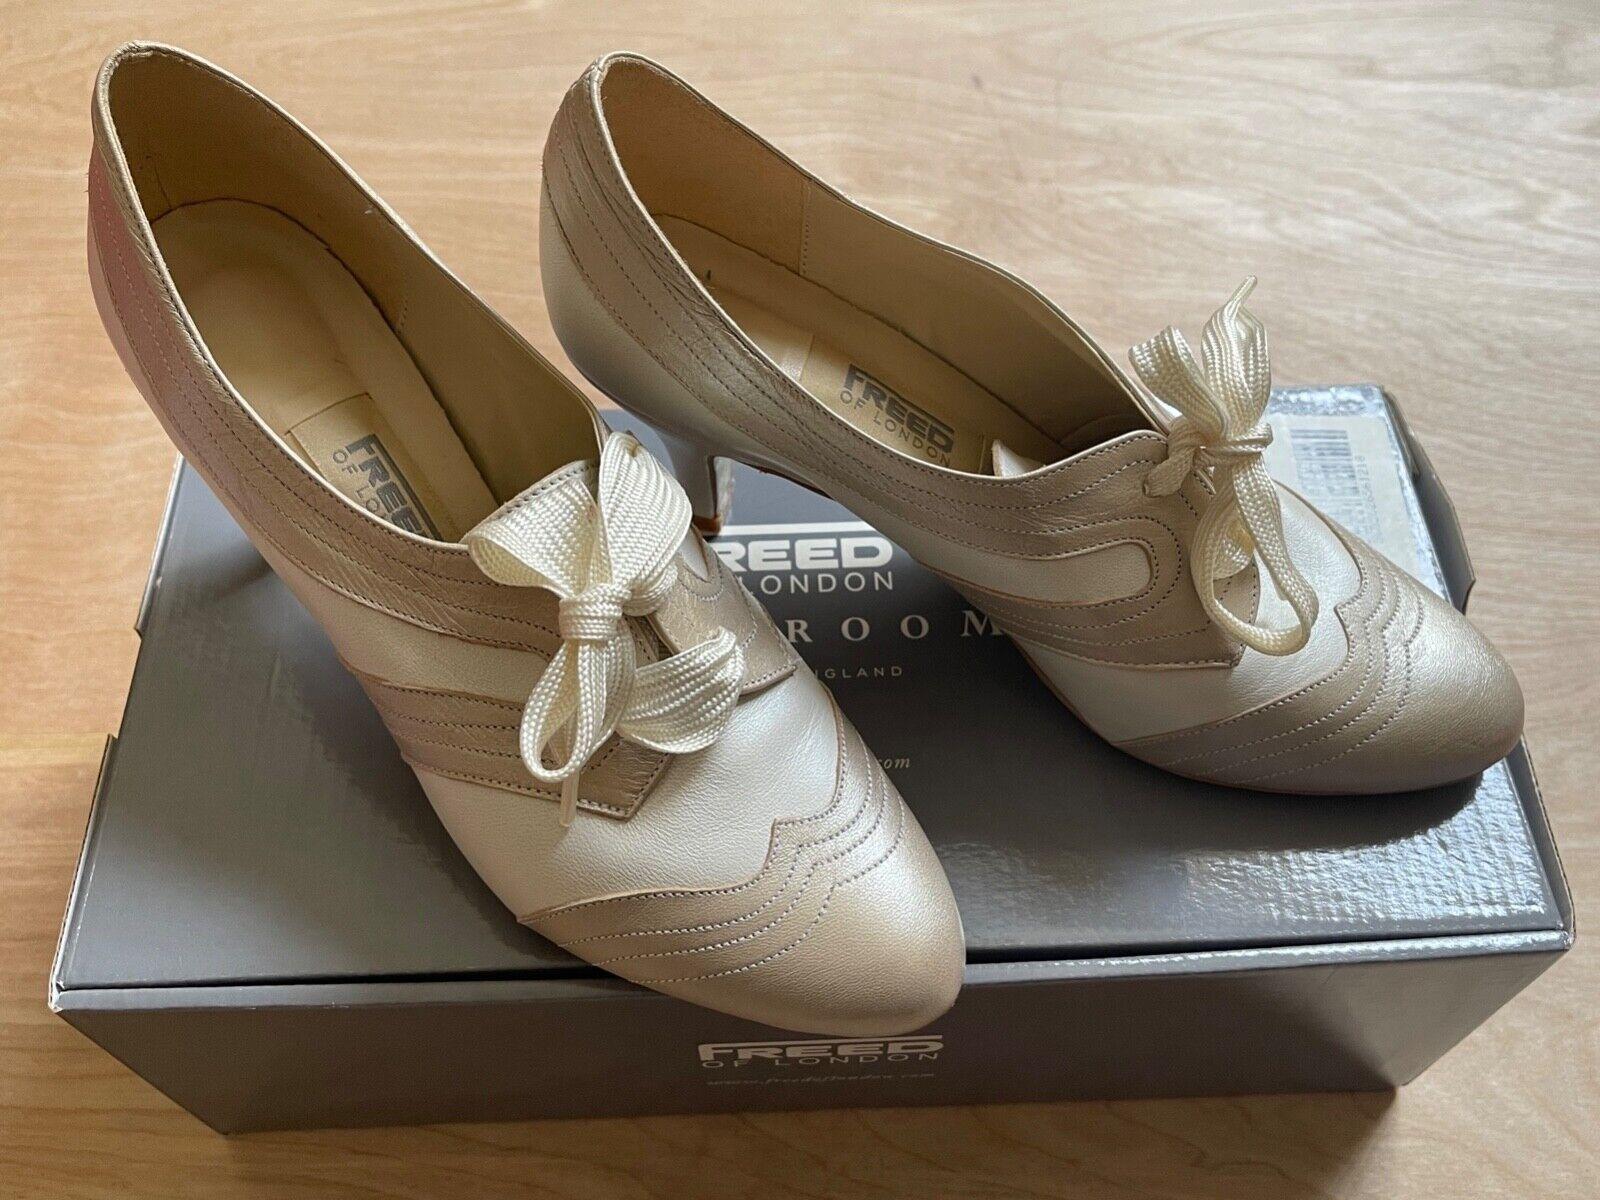 Freed of London Ballroom Ladies UK 6 Lace Up Ivory/Cream